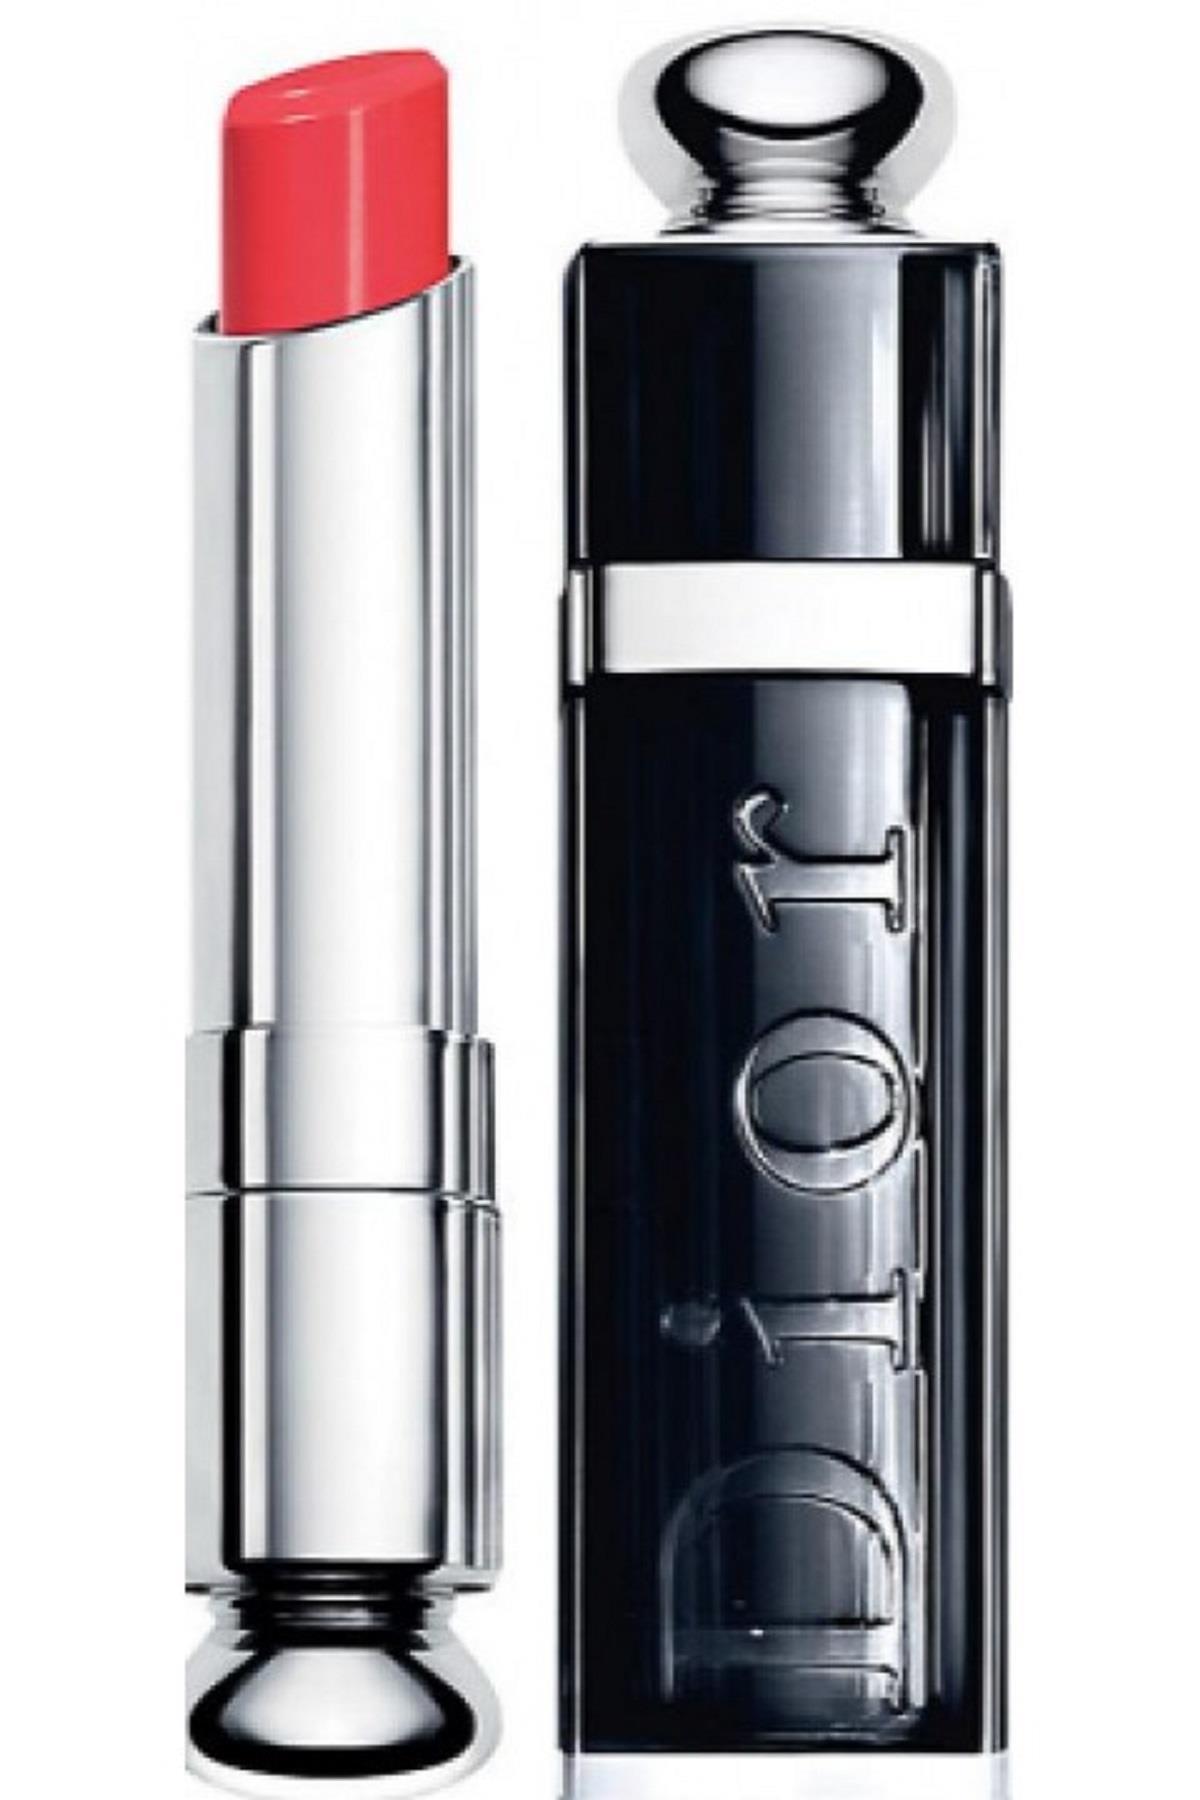 Dior Addict Extreme 551 Aventure Ruj